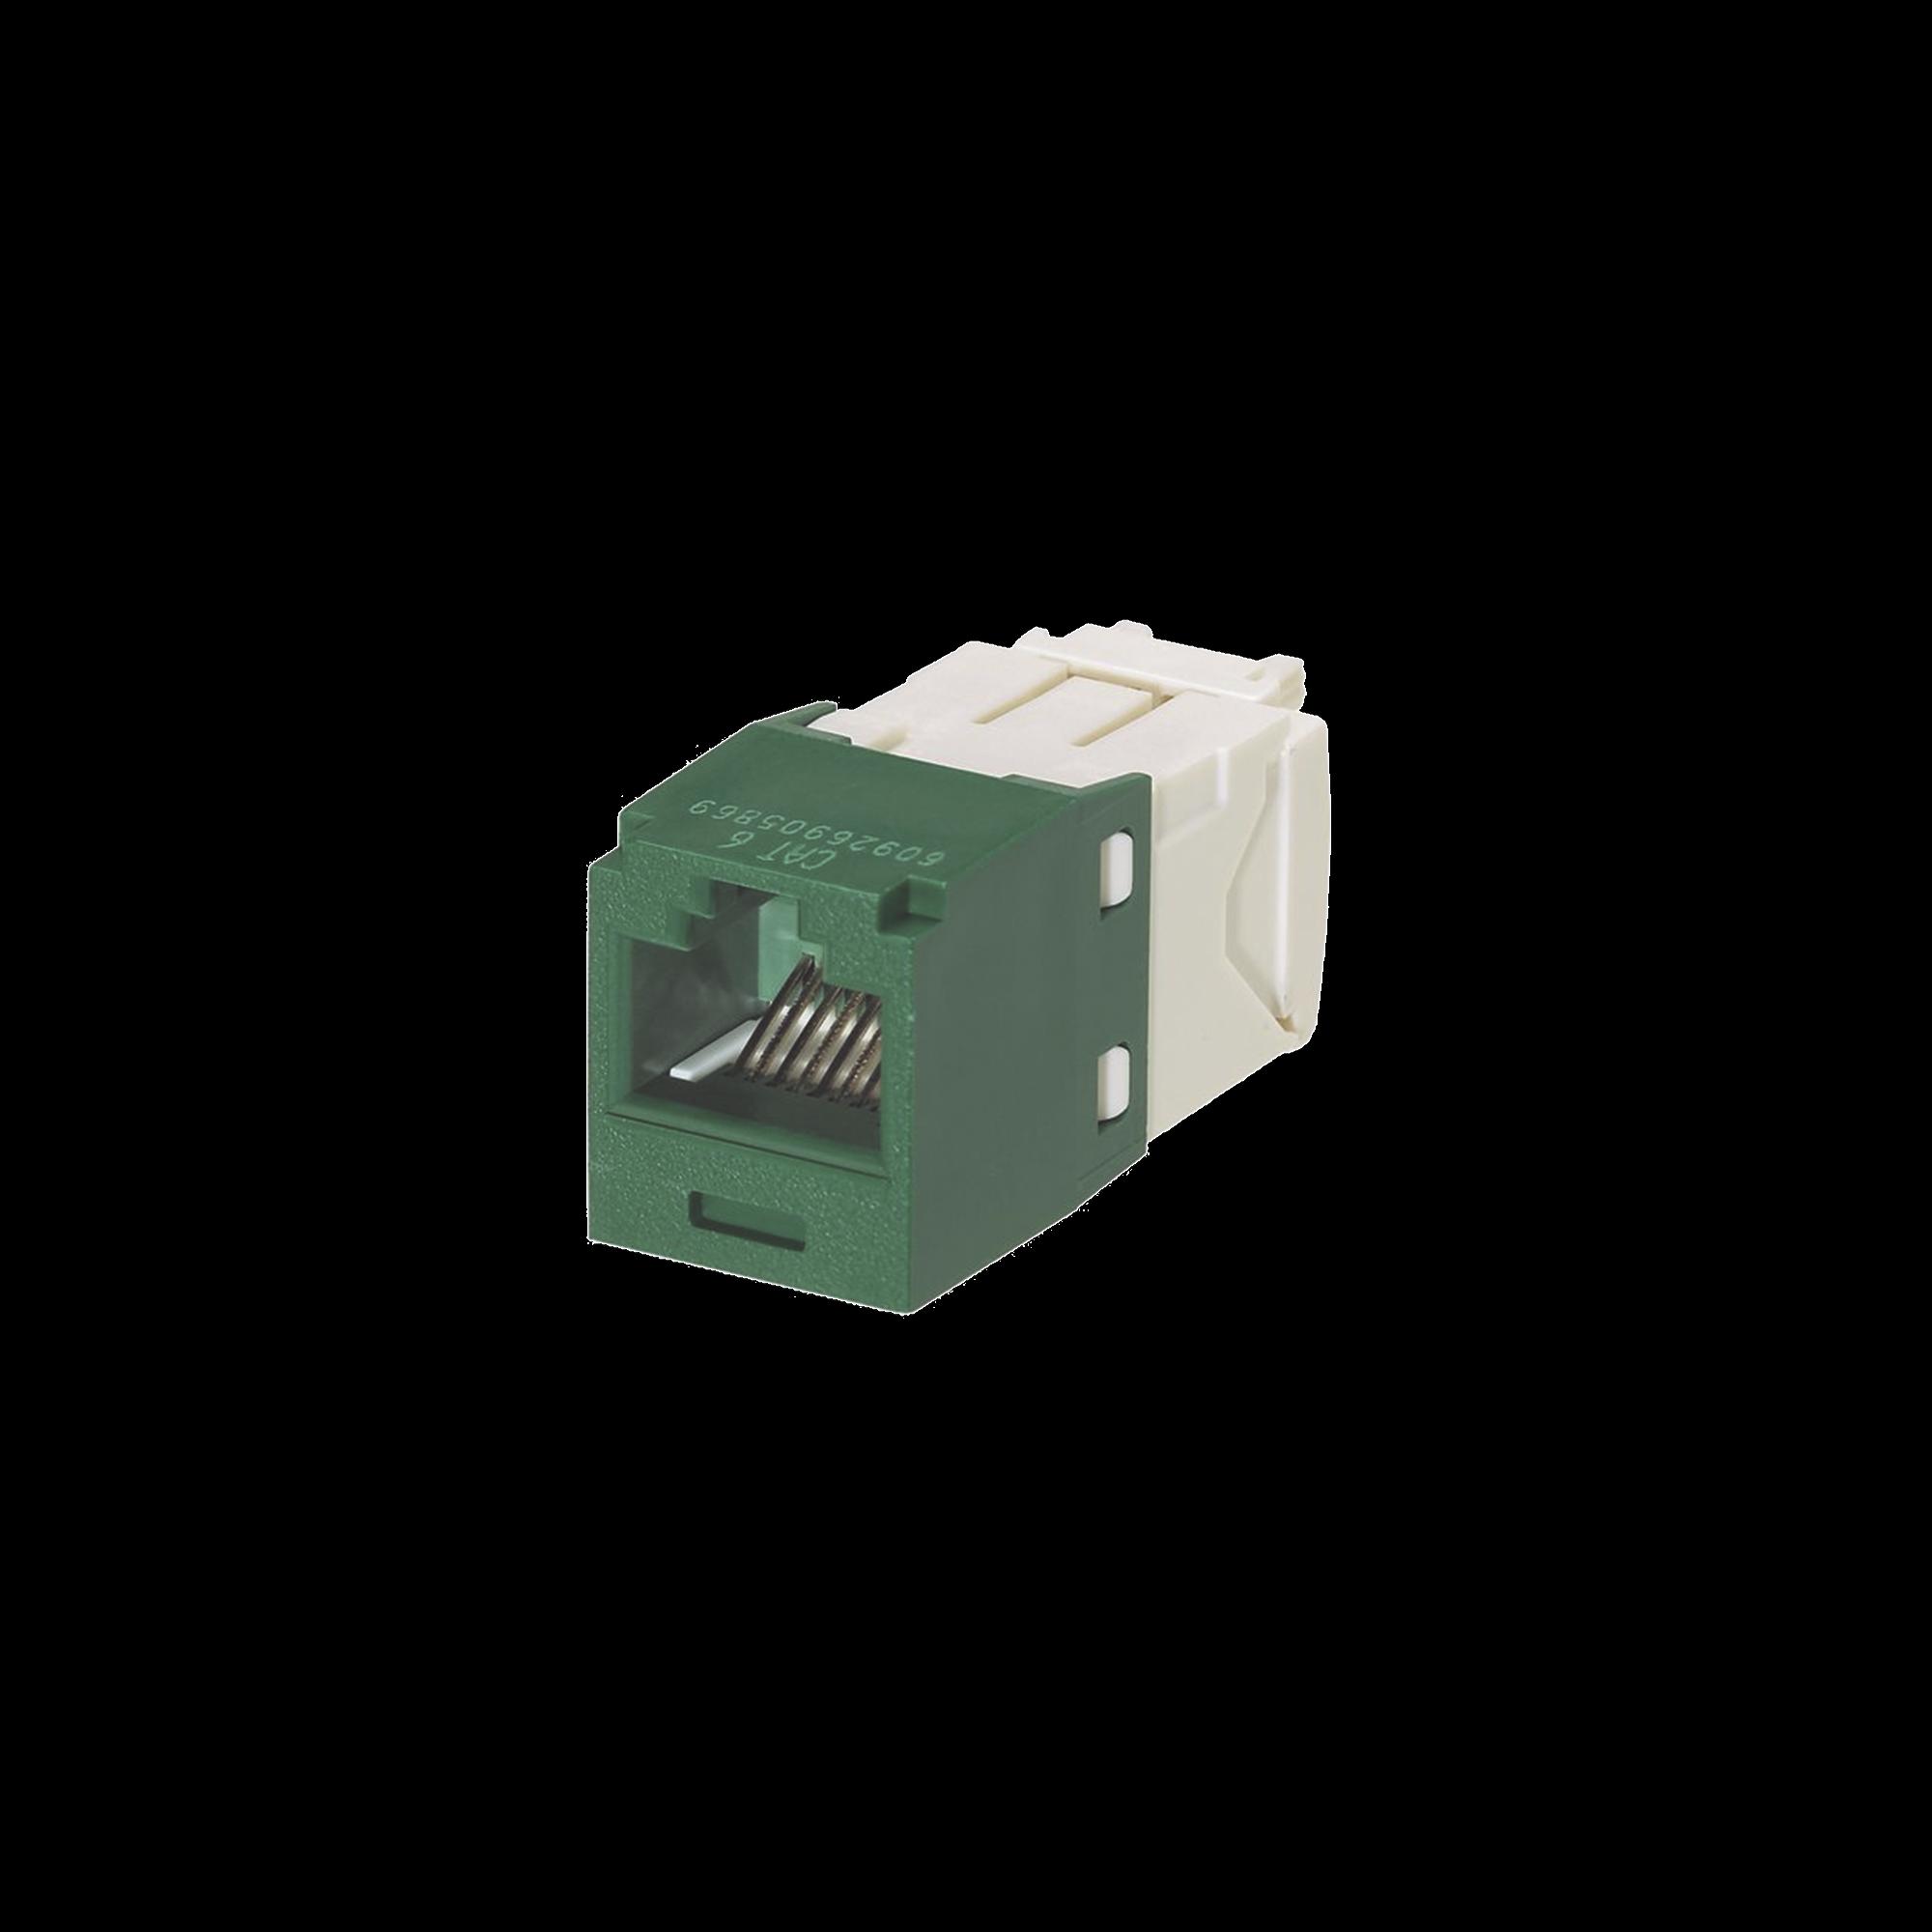 Conector Jack RJ45 Estilo TG, Mini-Com, Categoria 6, de 8 posiciones y 8 cables, Color Verde